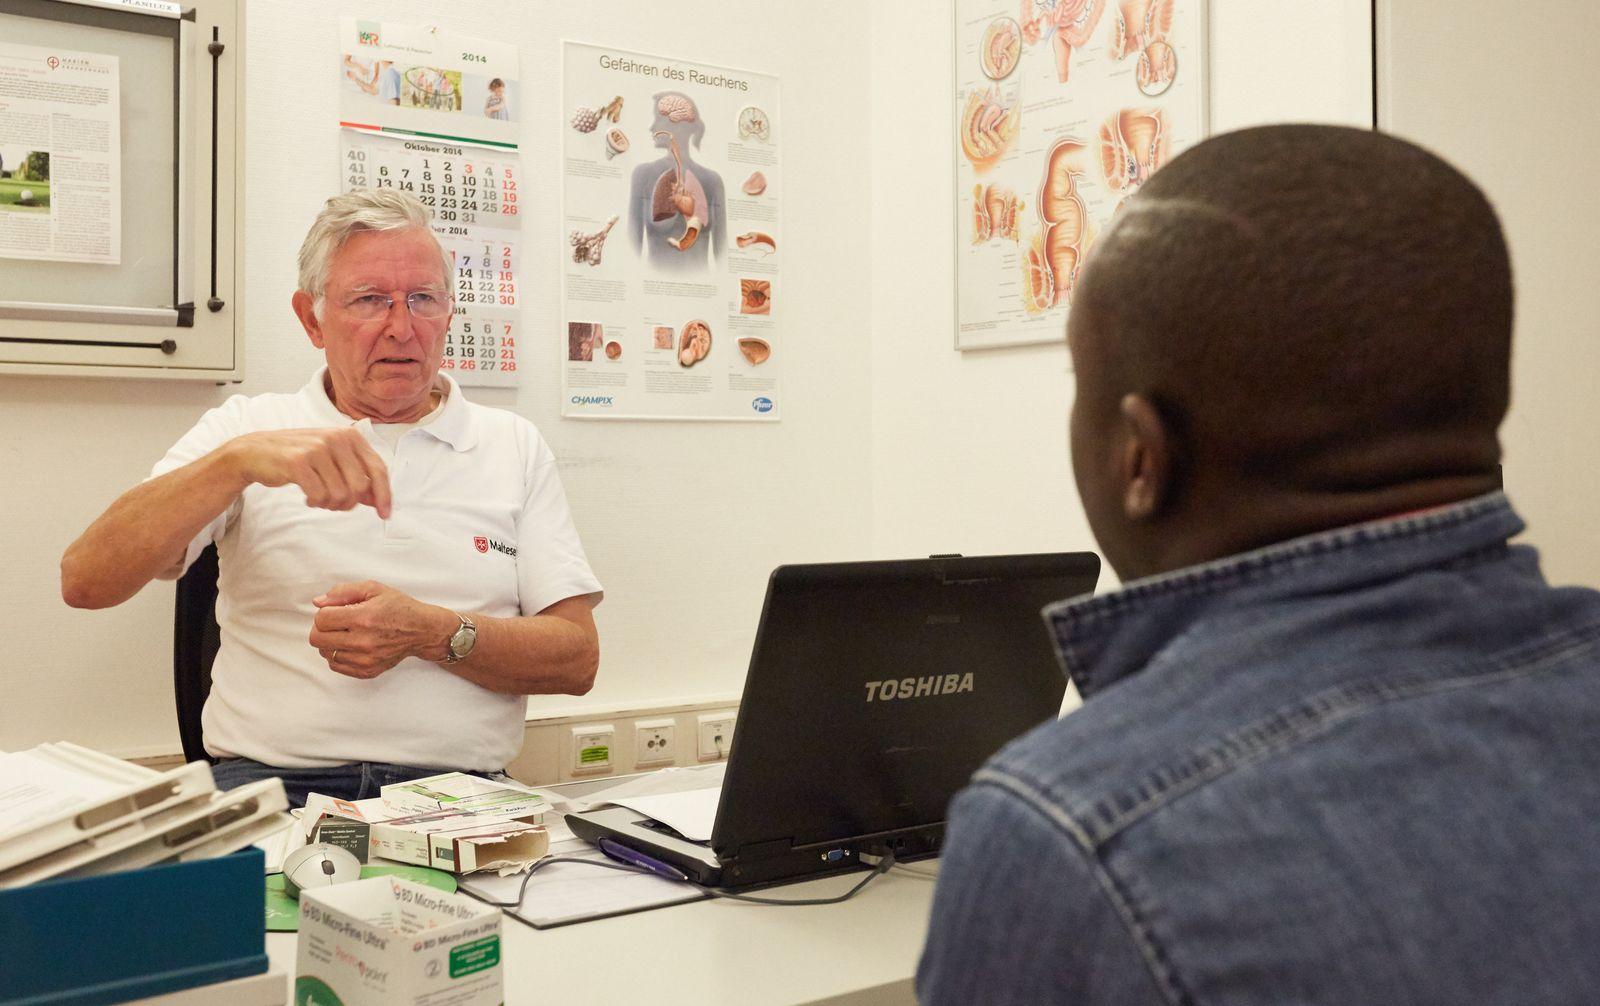 Mediziner helfen Migranten in Not